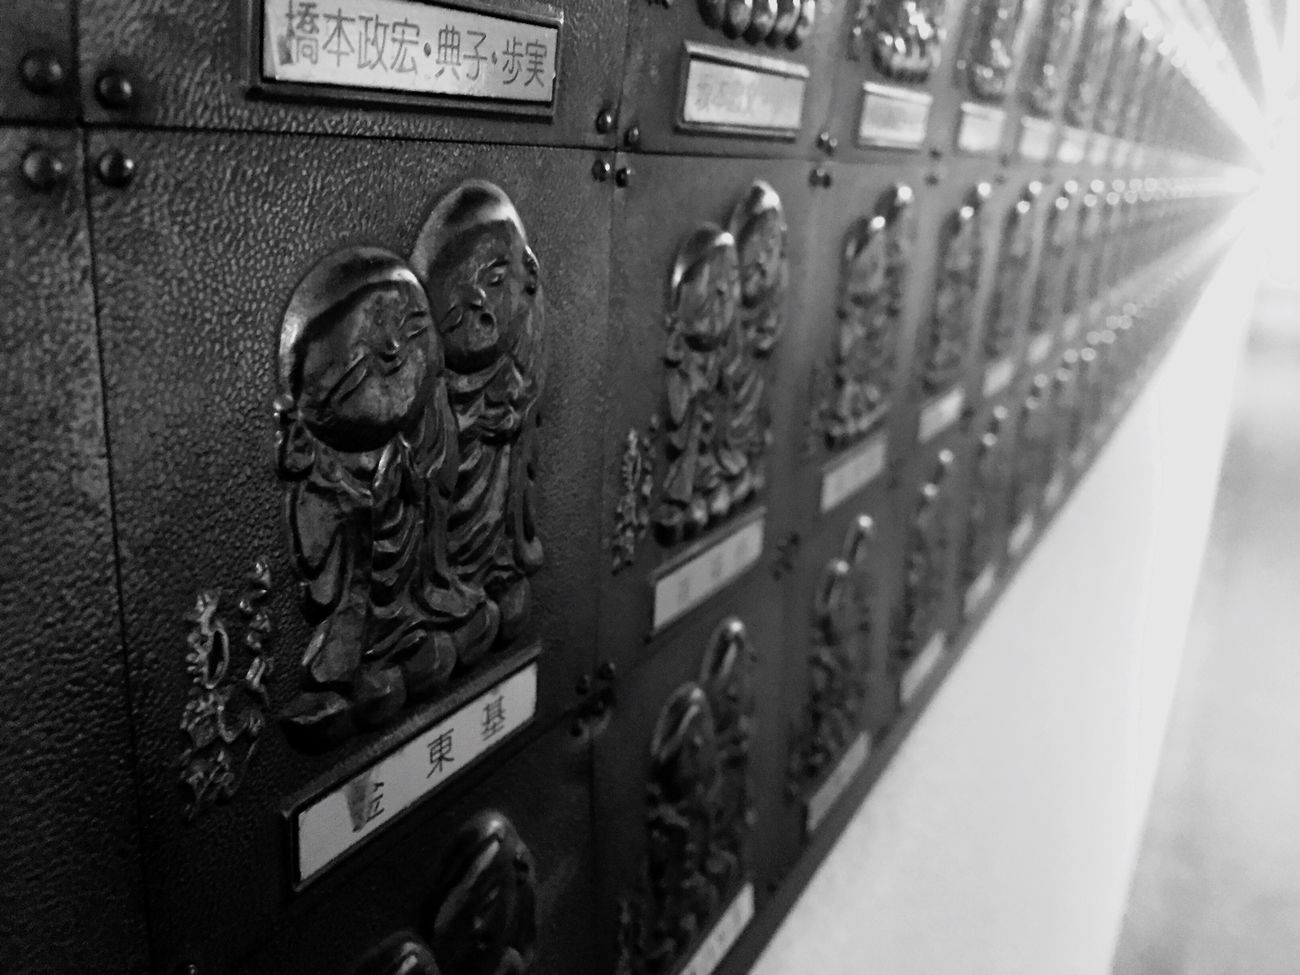 篠栗南蔵院 Close-up Metal No People Day Lock Locker Fukuoka Fukuoka,Japan Japan Japanese Culture Japanese Style